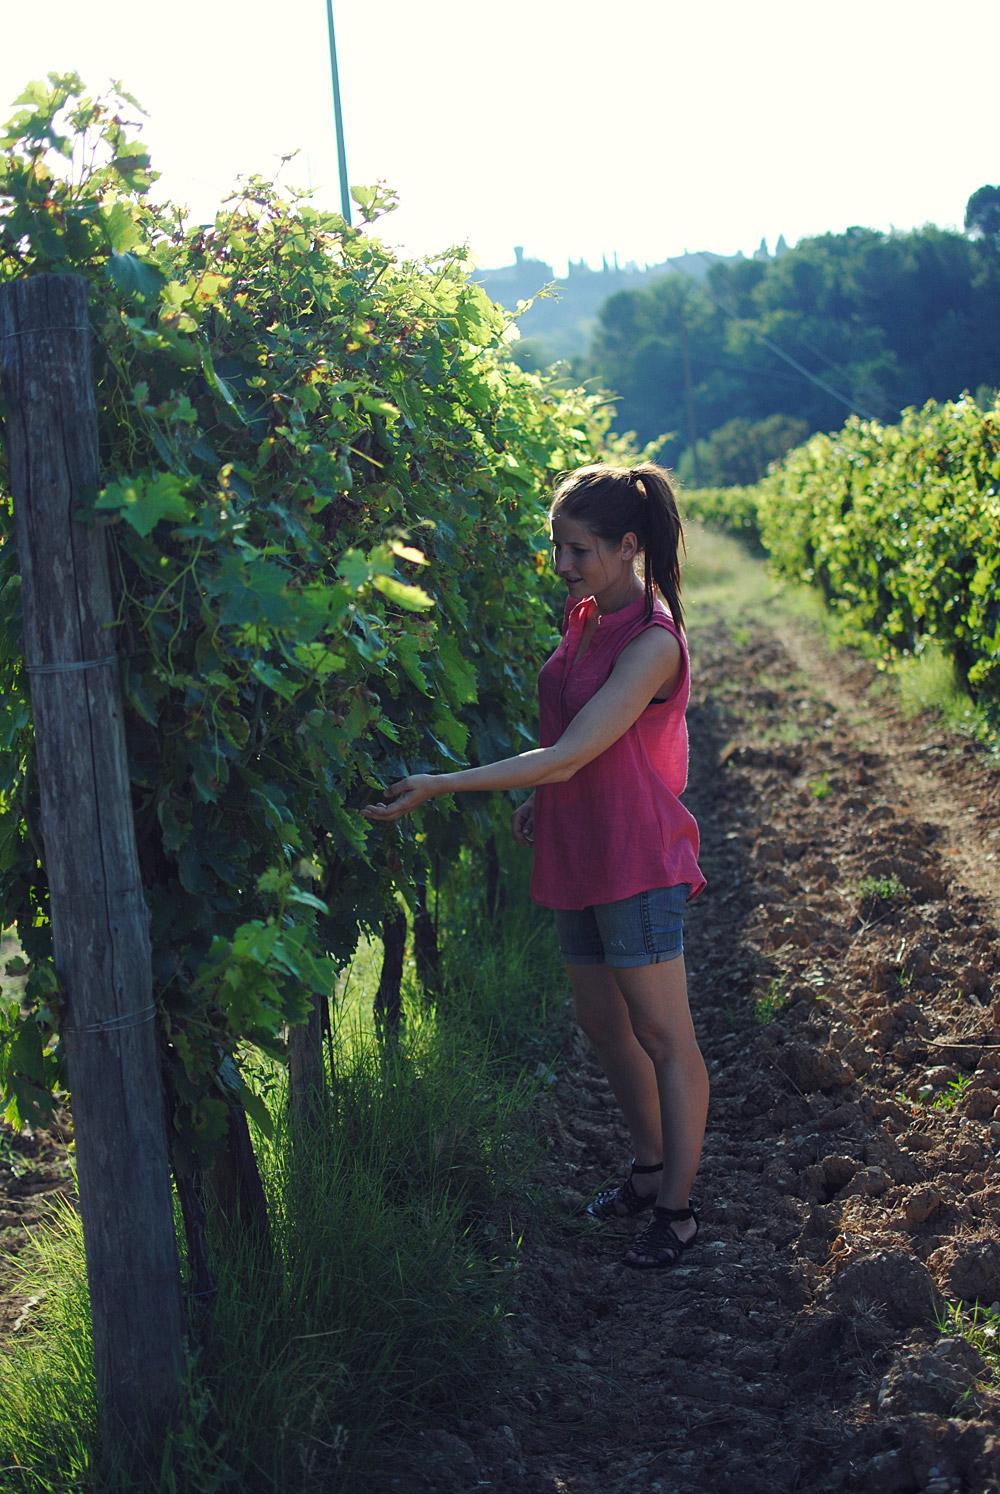 Guide til Toscana og Greve in Chianti | Frk. Kræsen